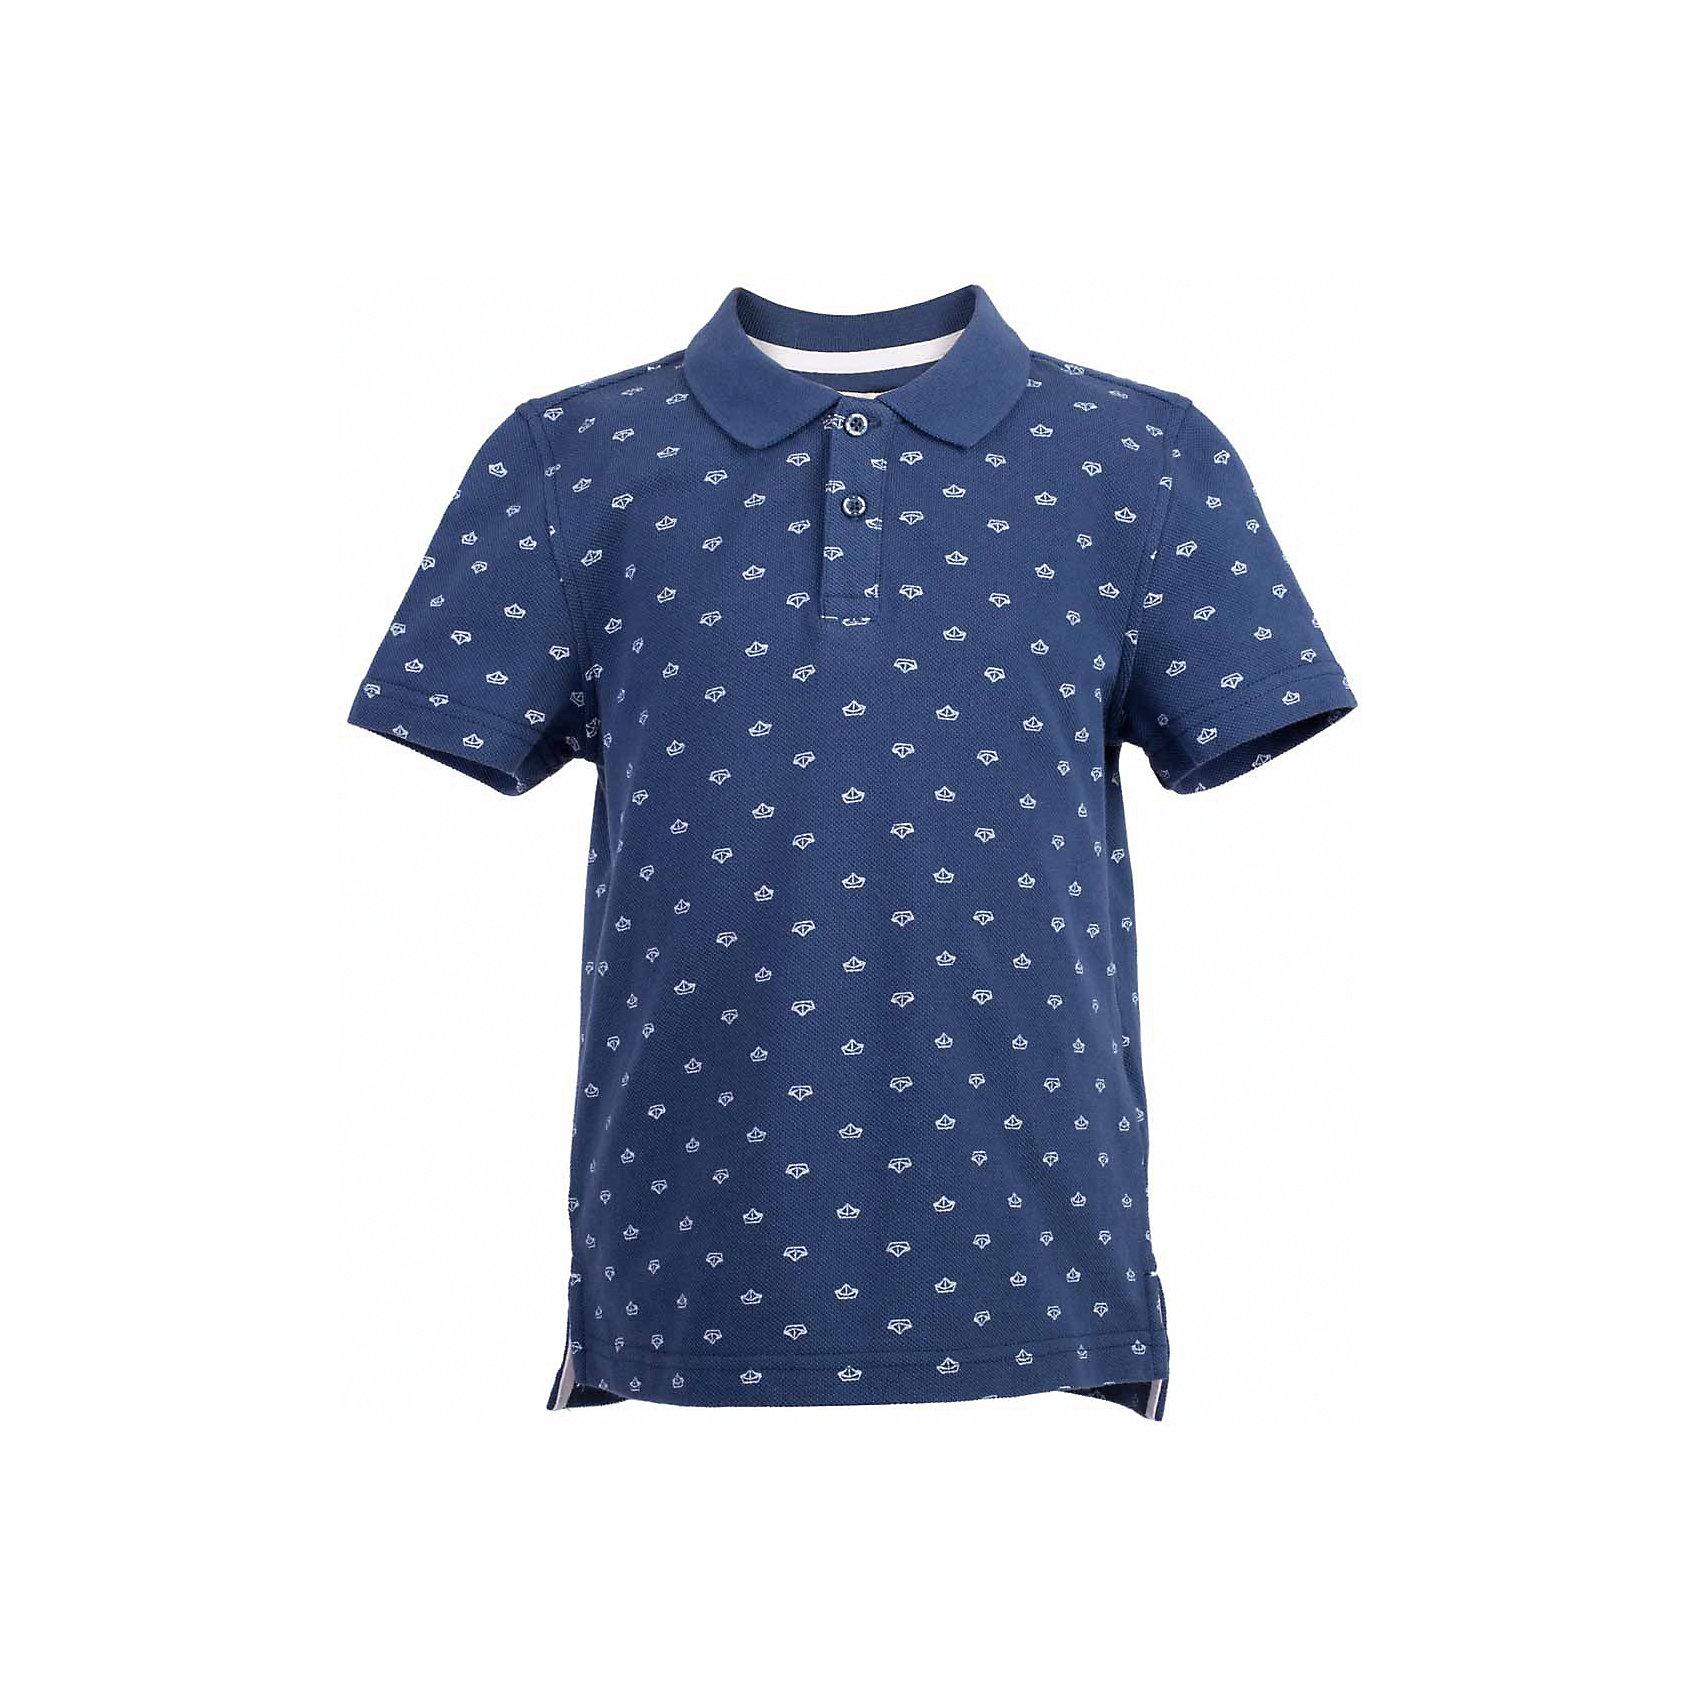 Поло для мальчика  BUTTON BLUEФутболки, поло и топы<br>Поло для мальчика  BUTTON BLUE<br>Синяя футболка-поло - изделие из разряда must have! Это не только базовая вещь в гардеробе ребенка, но и залог хорошего летнего настроения! Если вы решили купить недорогую  футболку-поло для мальчика, выберете стильное синее поло с мелким рисунком от Button Blue, и ваш ребенок будет доволен! Низкая цена не окажет влияния на бюджет семьи, позволив создать интересный базовый гардероб для долгожданных каникул!<br>Состав:<br>100%  хлопок<br><br>Ширина мм: 199<br>Глубина мм: 10<br>Высота мм: 161<br>Вес г: 151<br>Цвет: синий<br>Возраст от месяцев: 24<br>Возраст до месяцев: 36<br>Пол: Мужской<br>Возраст: Детский<br>Размер: 98,158,104,110,116,122,128,134,140,146,152<br>SKU: 5524356